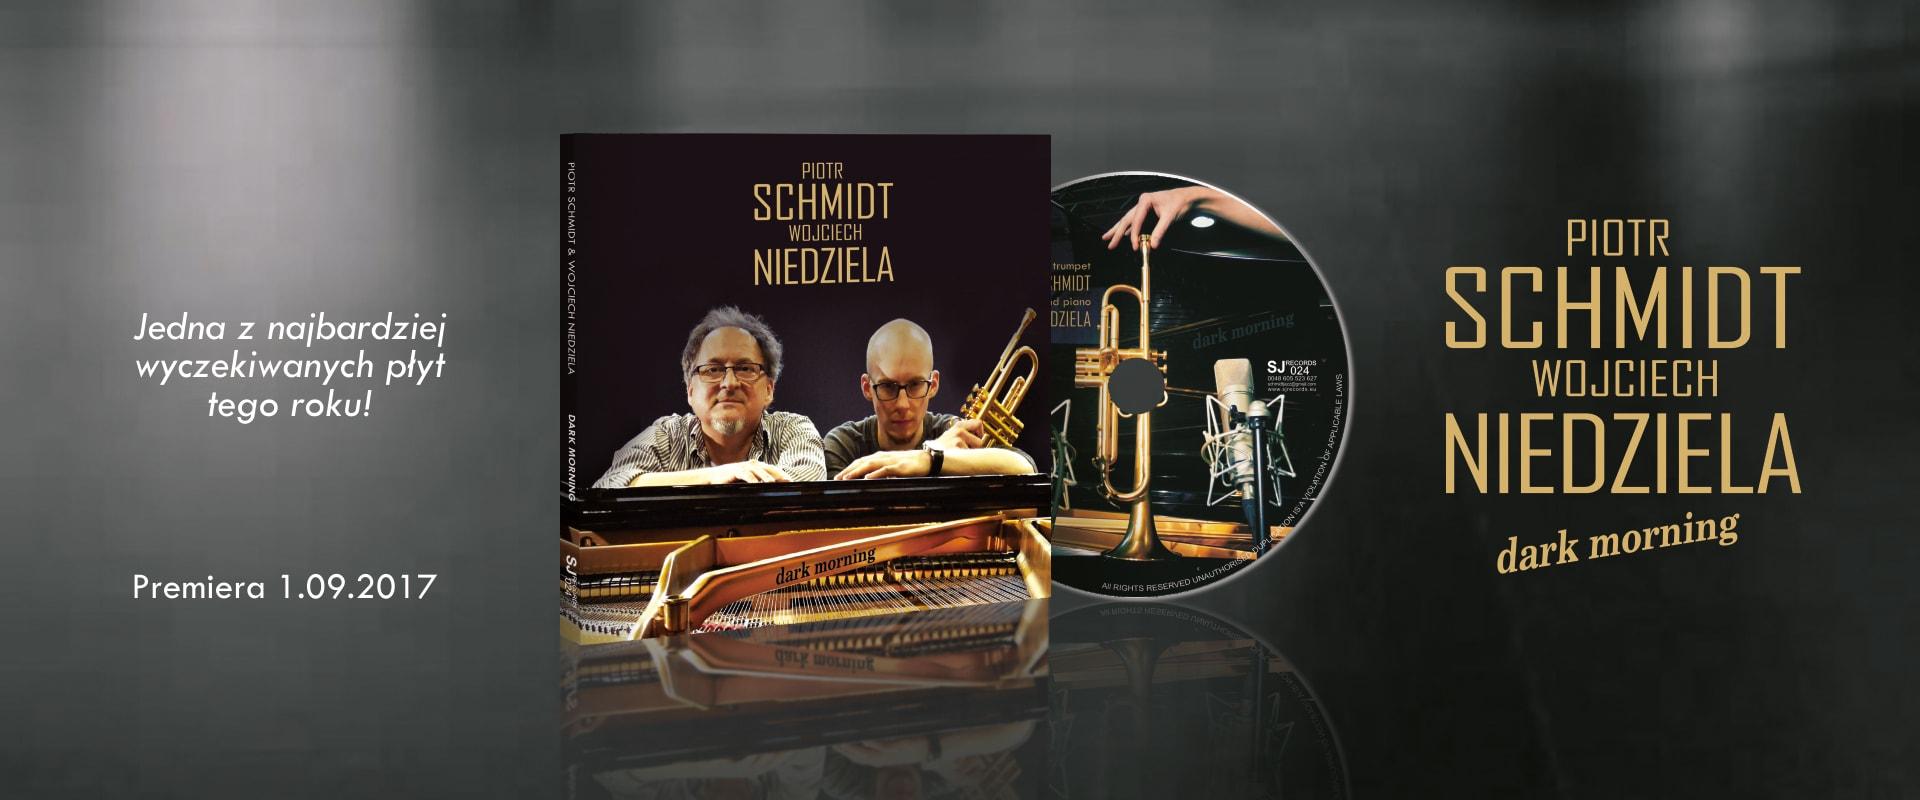 Schmidt Niedziela - Dark morning